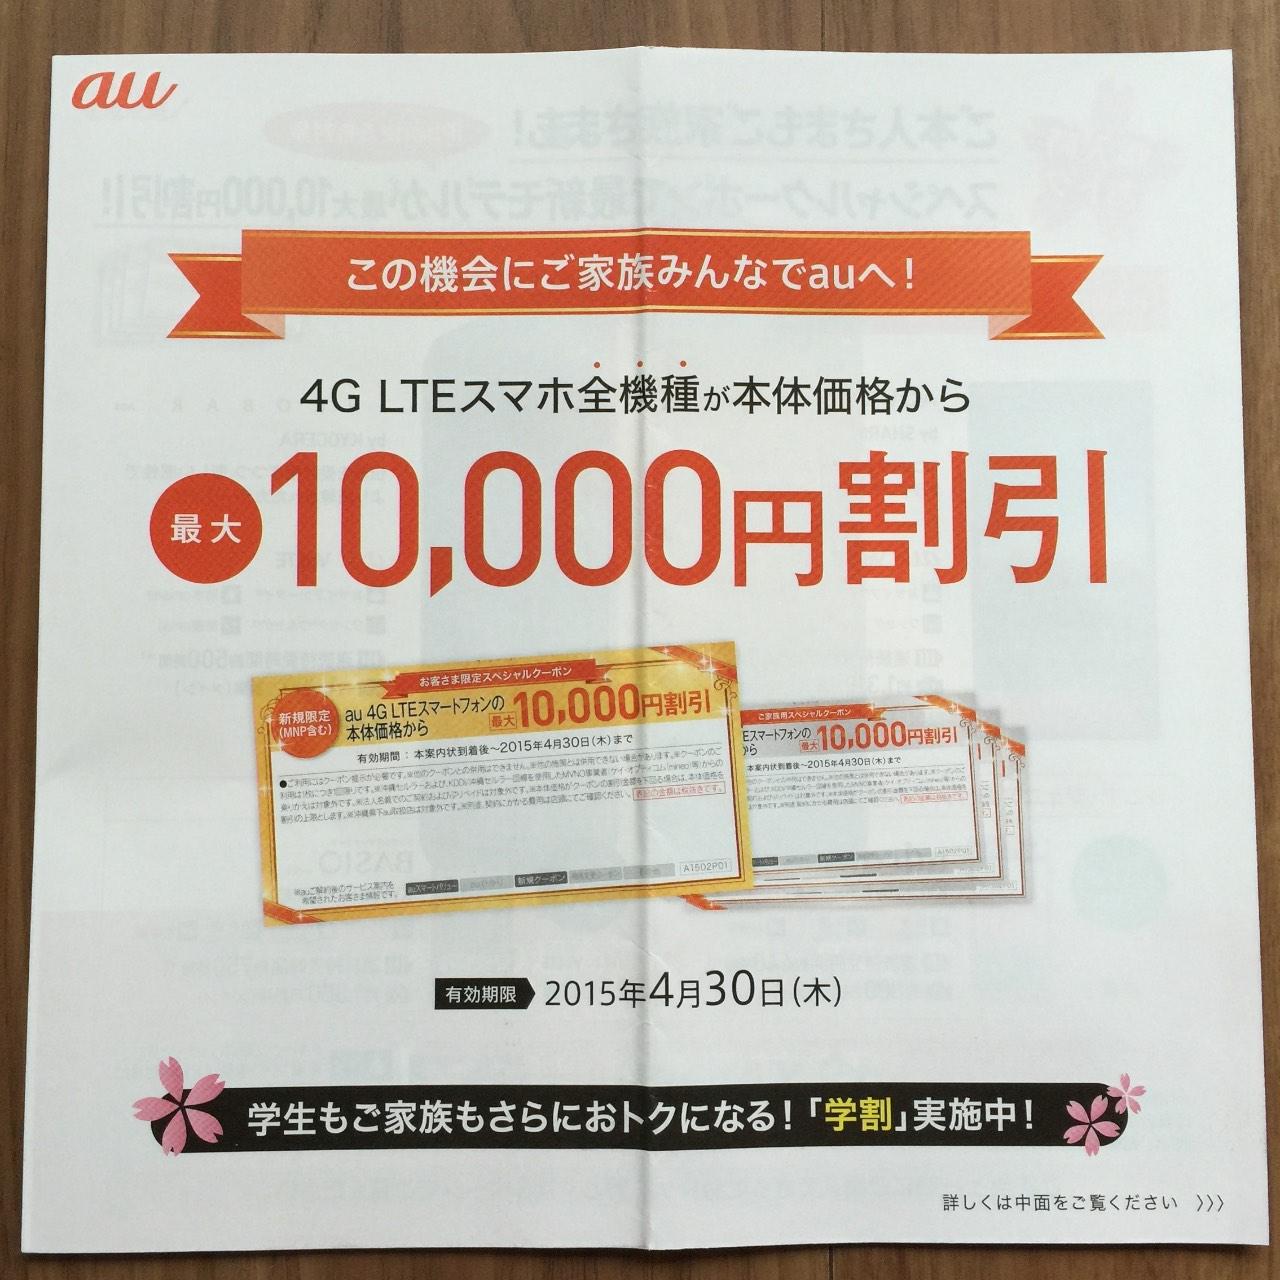 auからiPhone 6/6 Plusが10,000円割引になるクーポンが届いた